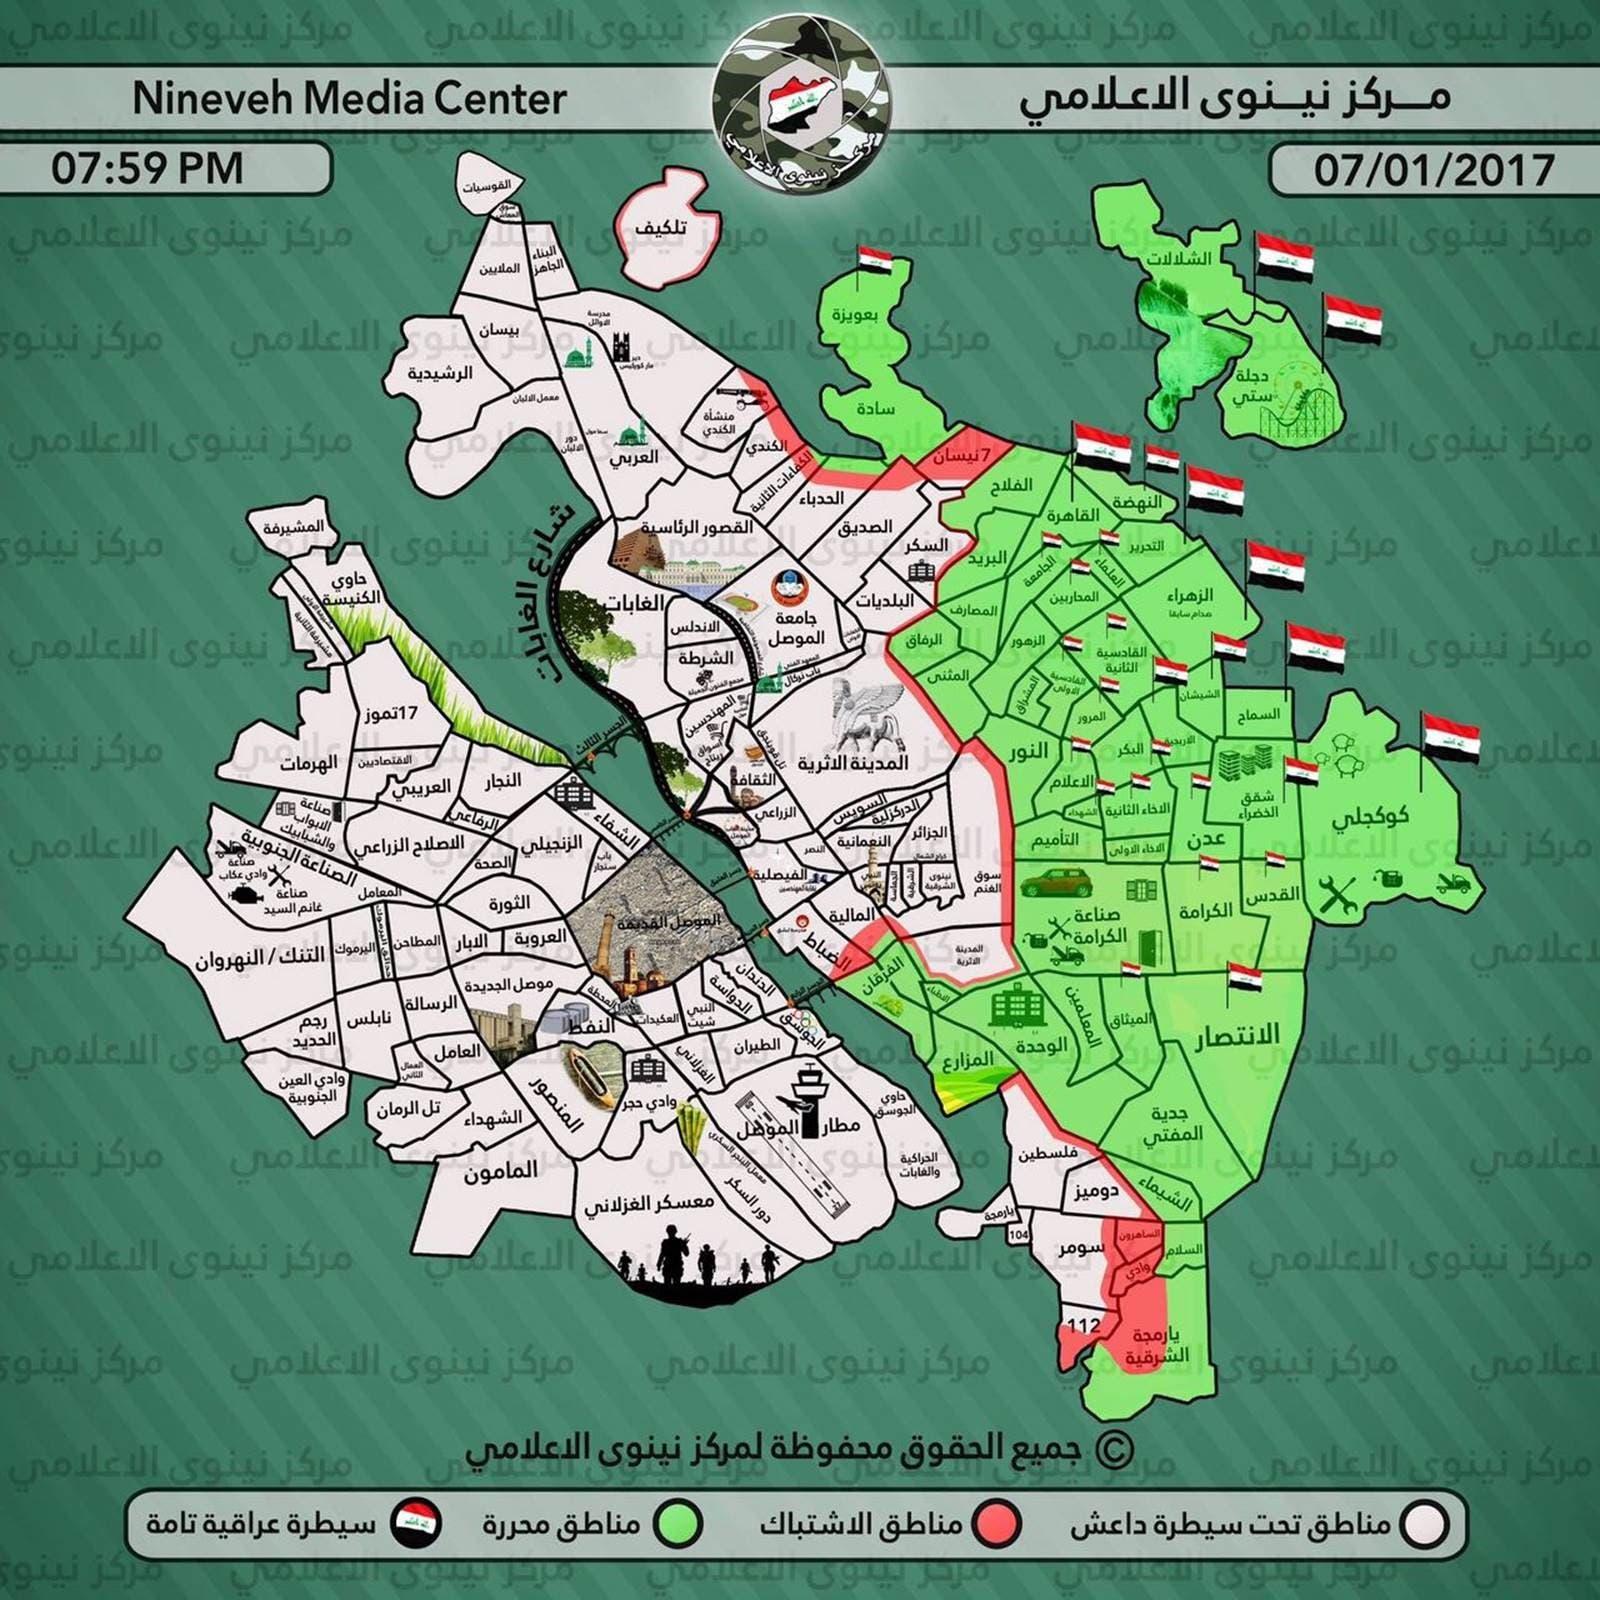 خارطة محدثة تظهر وصول القوات العراقية الى ضفاف نهر دجلة